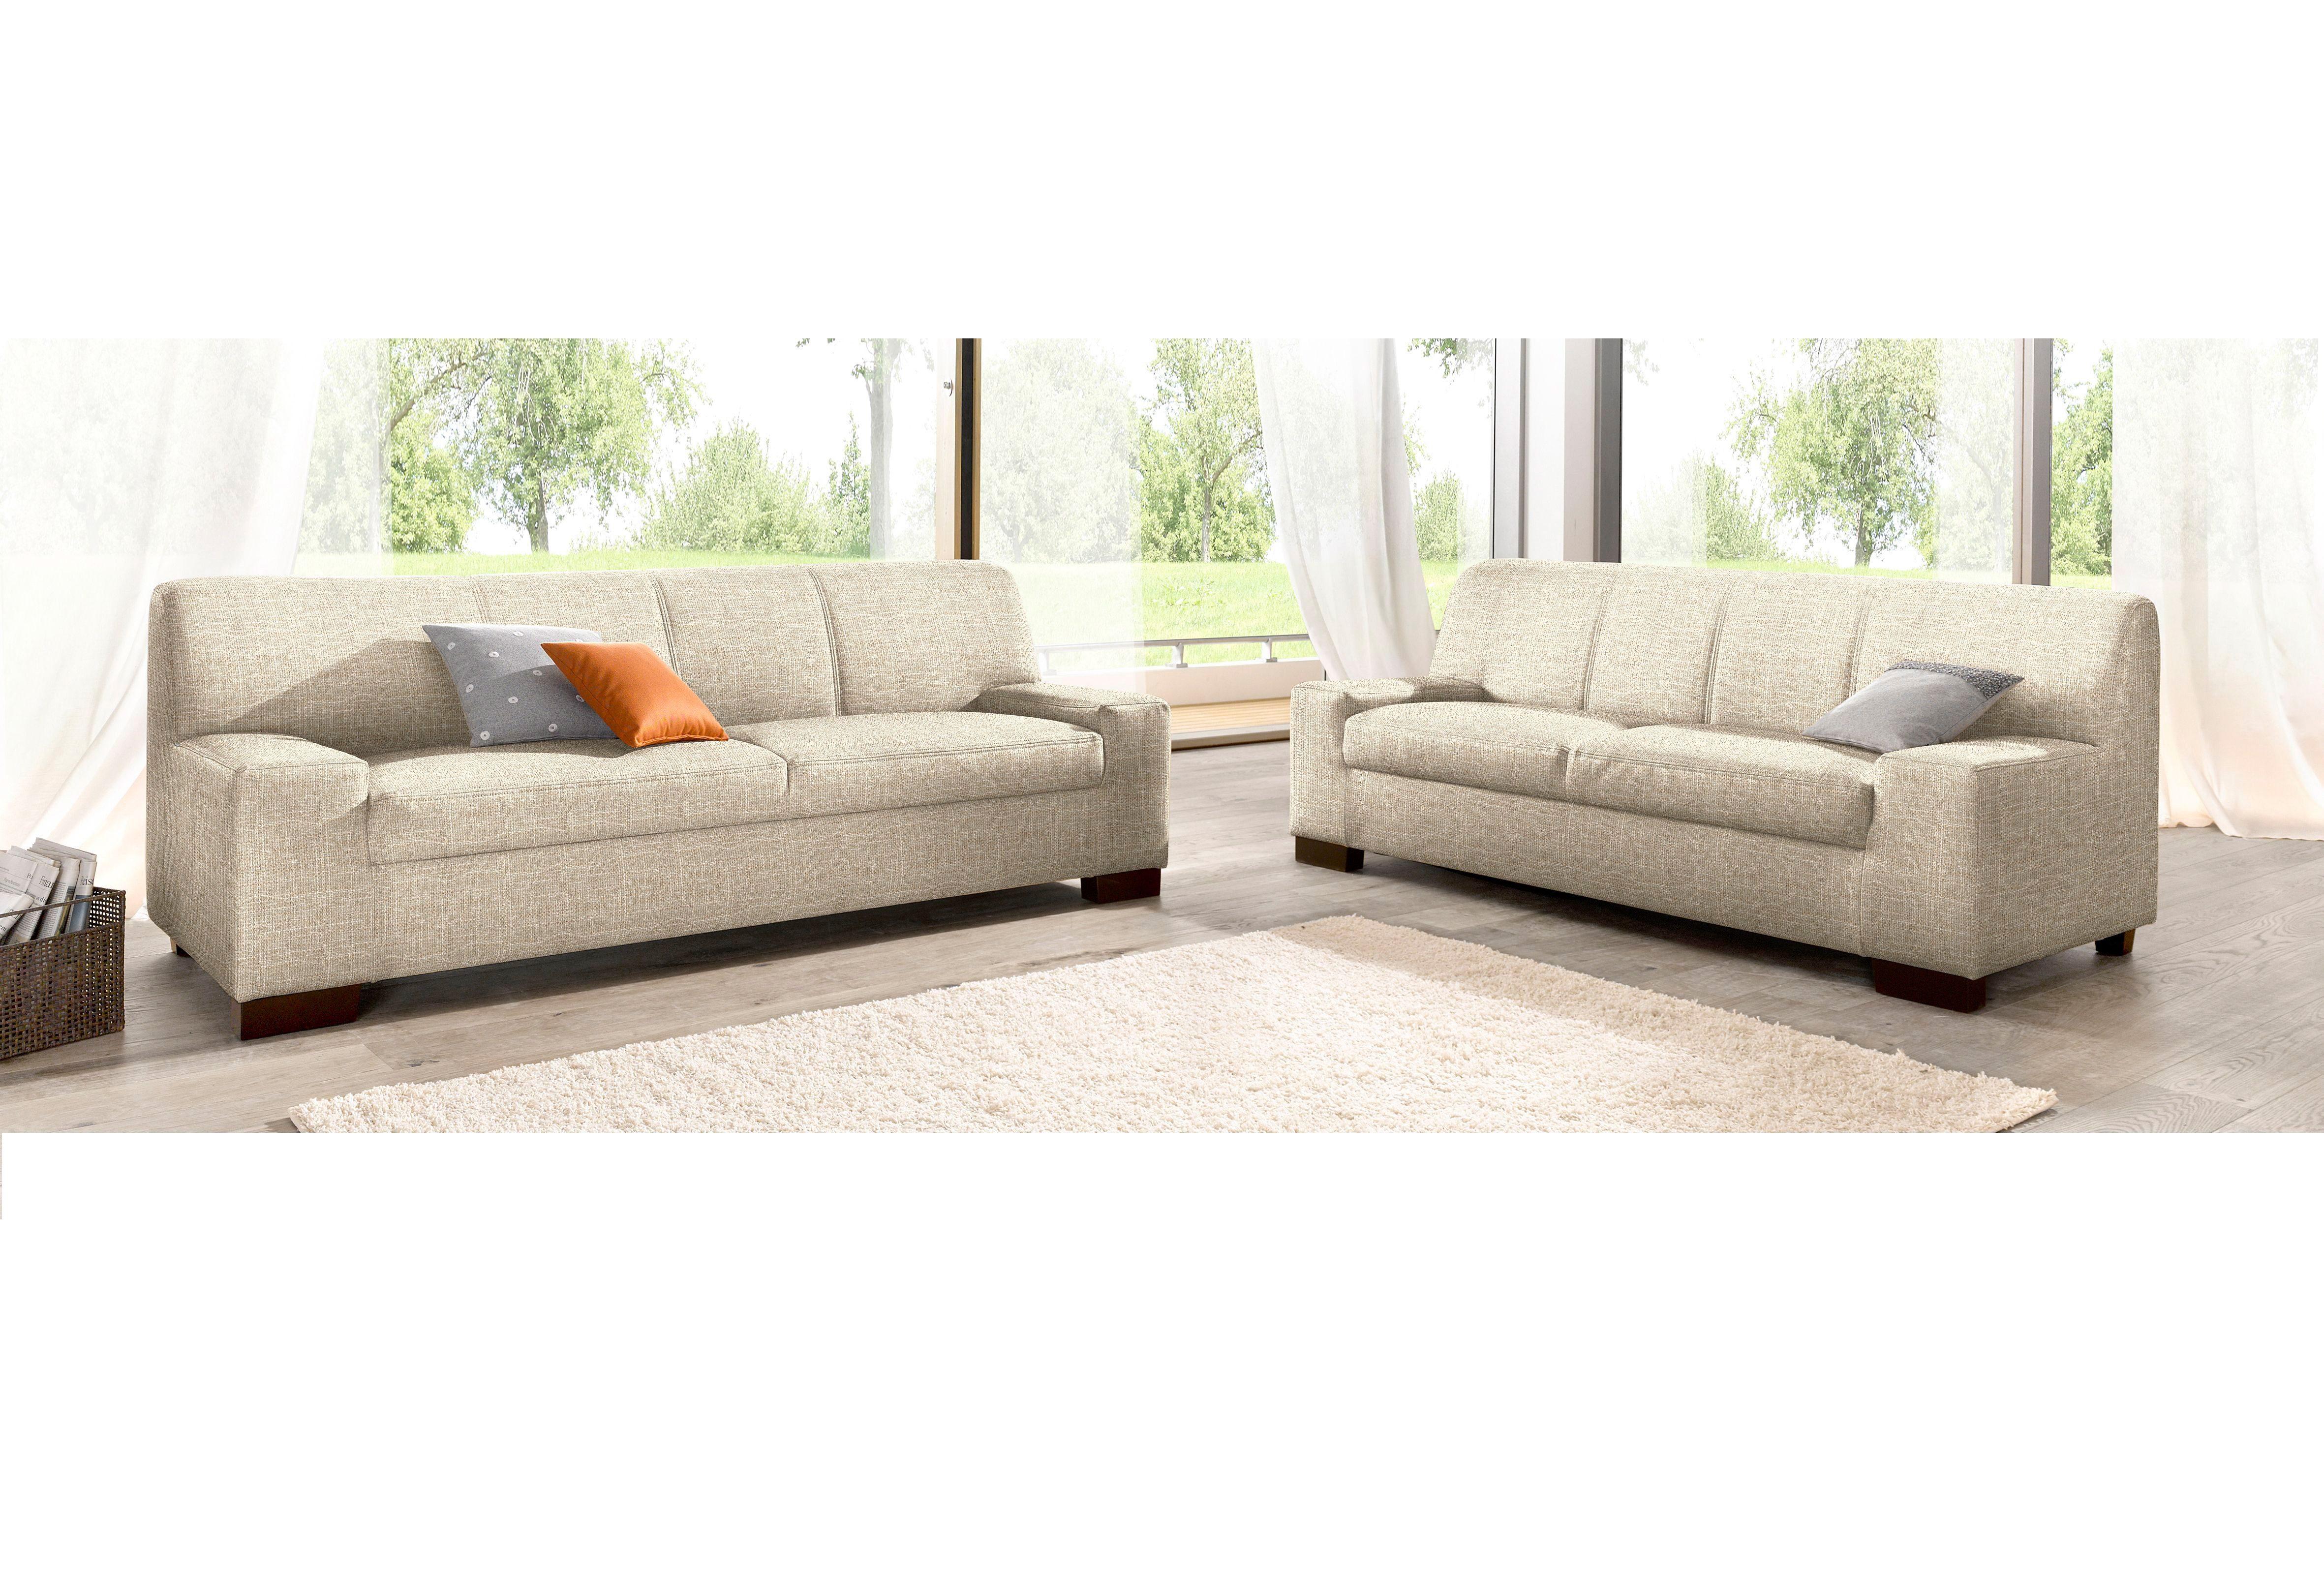 DOMO Collection Set: 2-Sitzer und 3-Sitzer (2-tlg.) | Wohnzimmer > Sofas & Couches > Garnituren | Microfaser - Strukturstoff - Kunstleder | DOMO COLLECTION